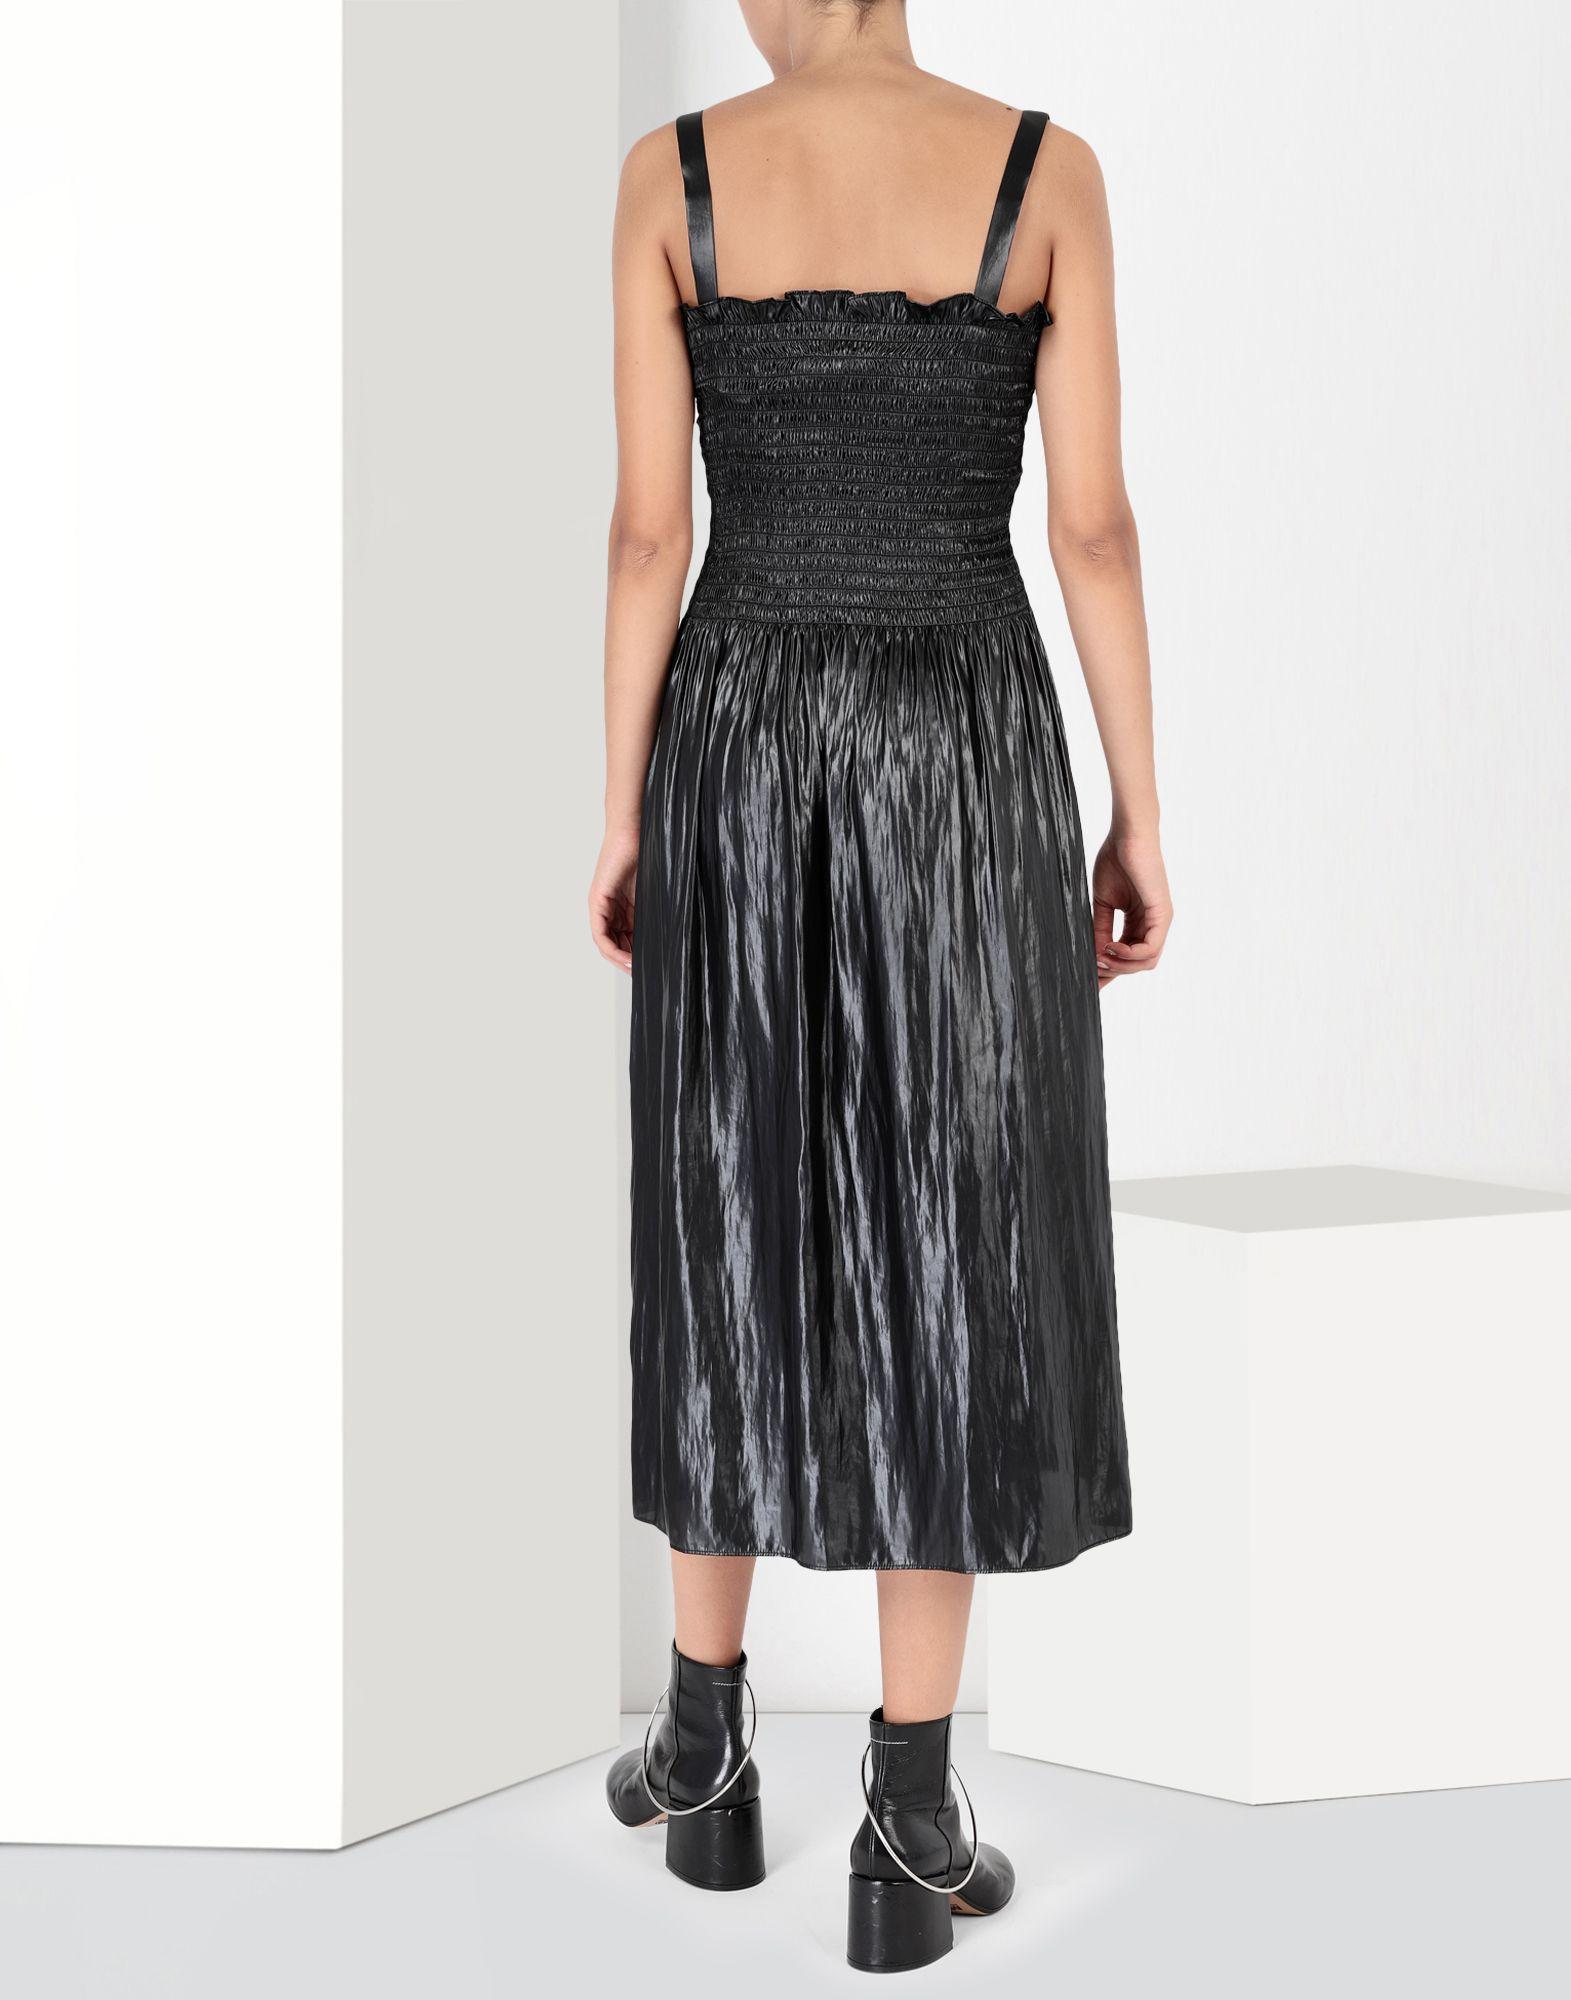 MM6 MAISON MARGIELA Fluid satin dress 3/4 length dress Woman d